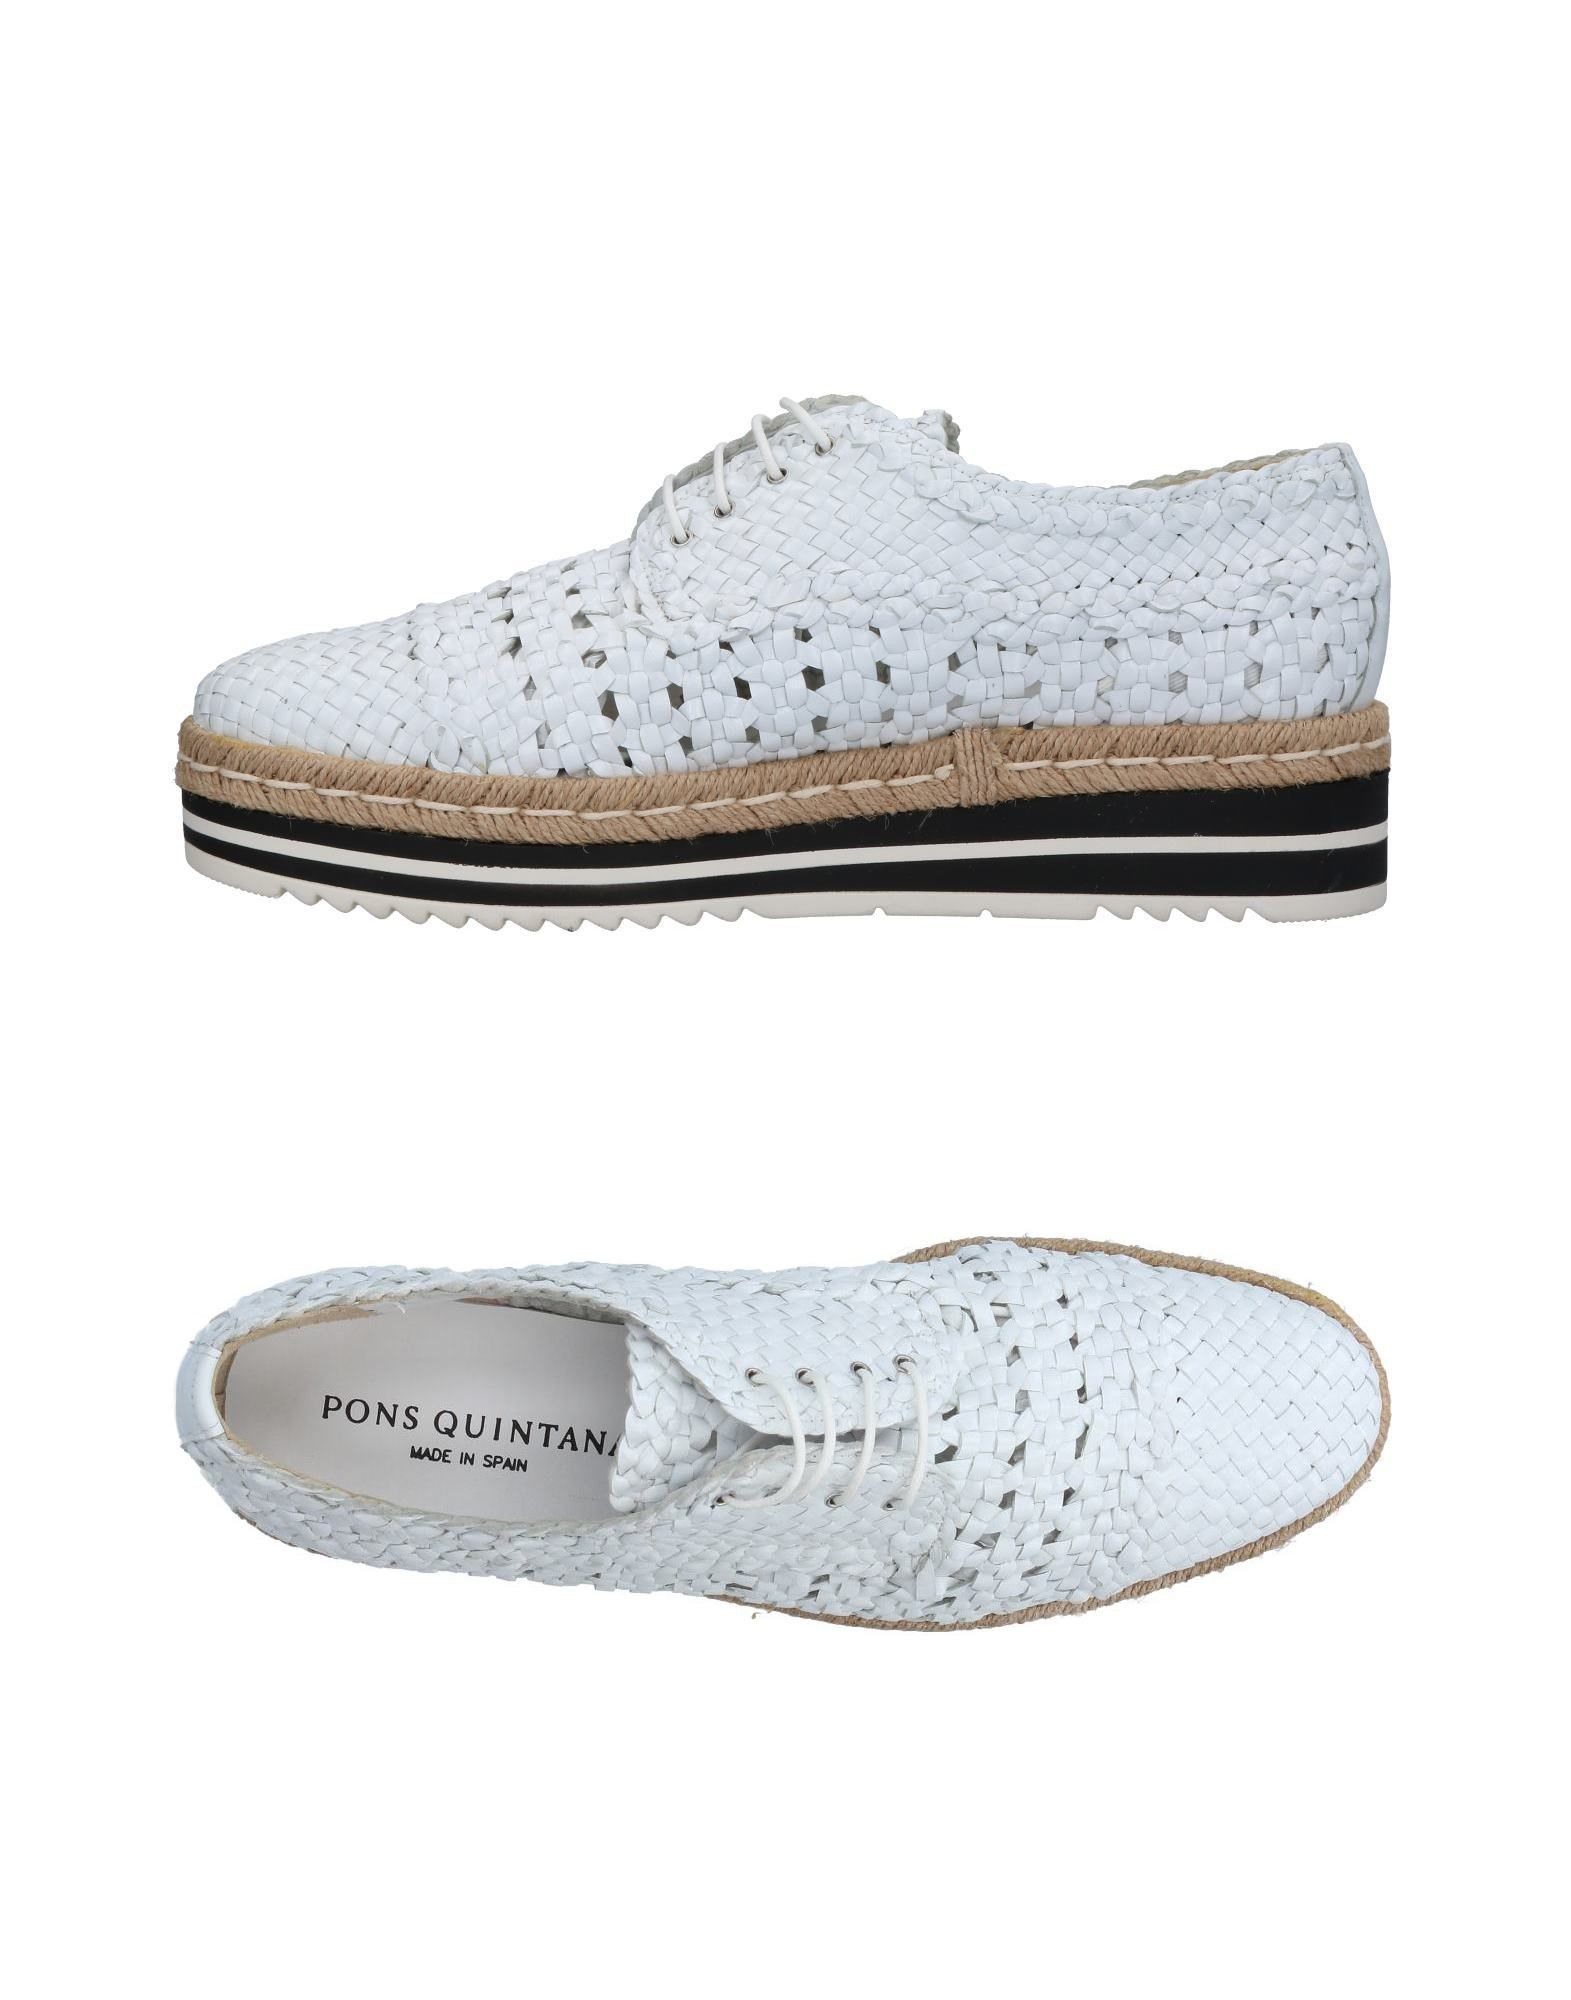 Chaussures À Lacets Pons Quintana Femme - Chaussures À Lacets Pons Quintana sur